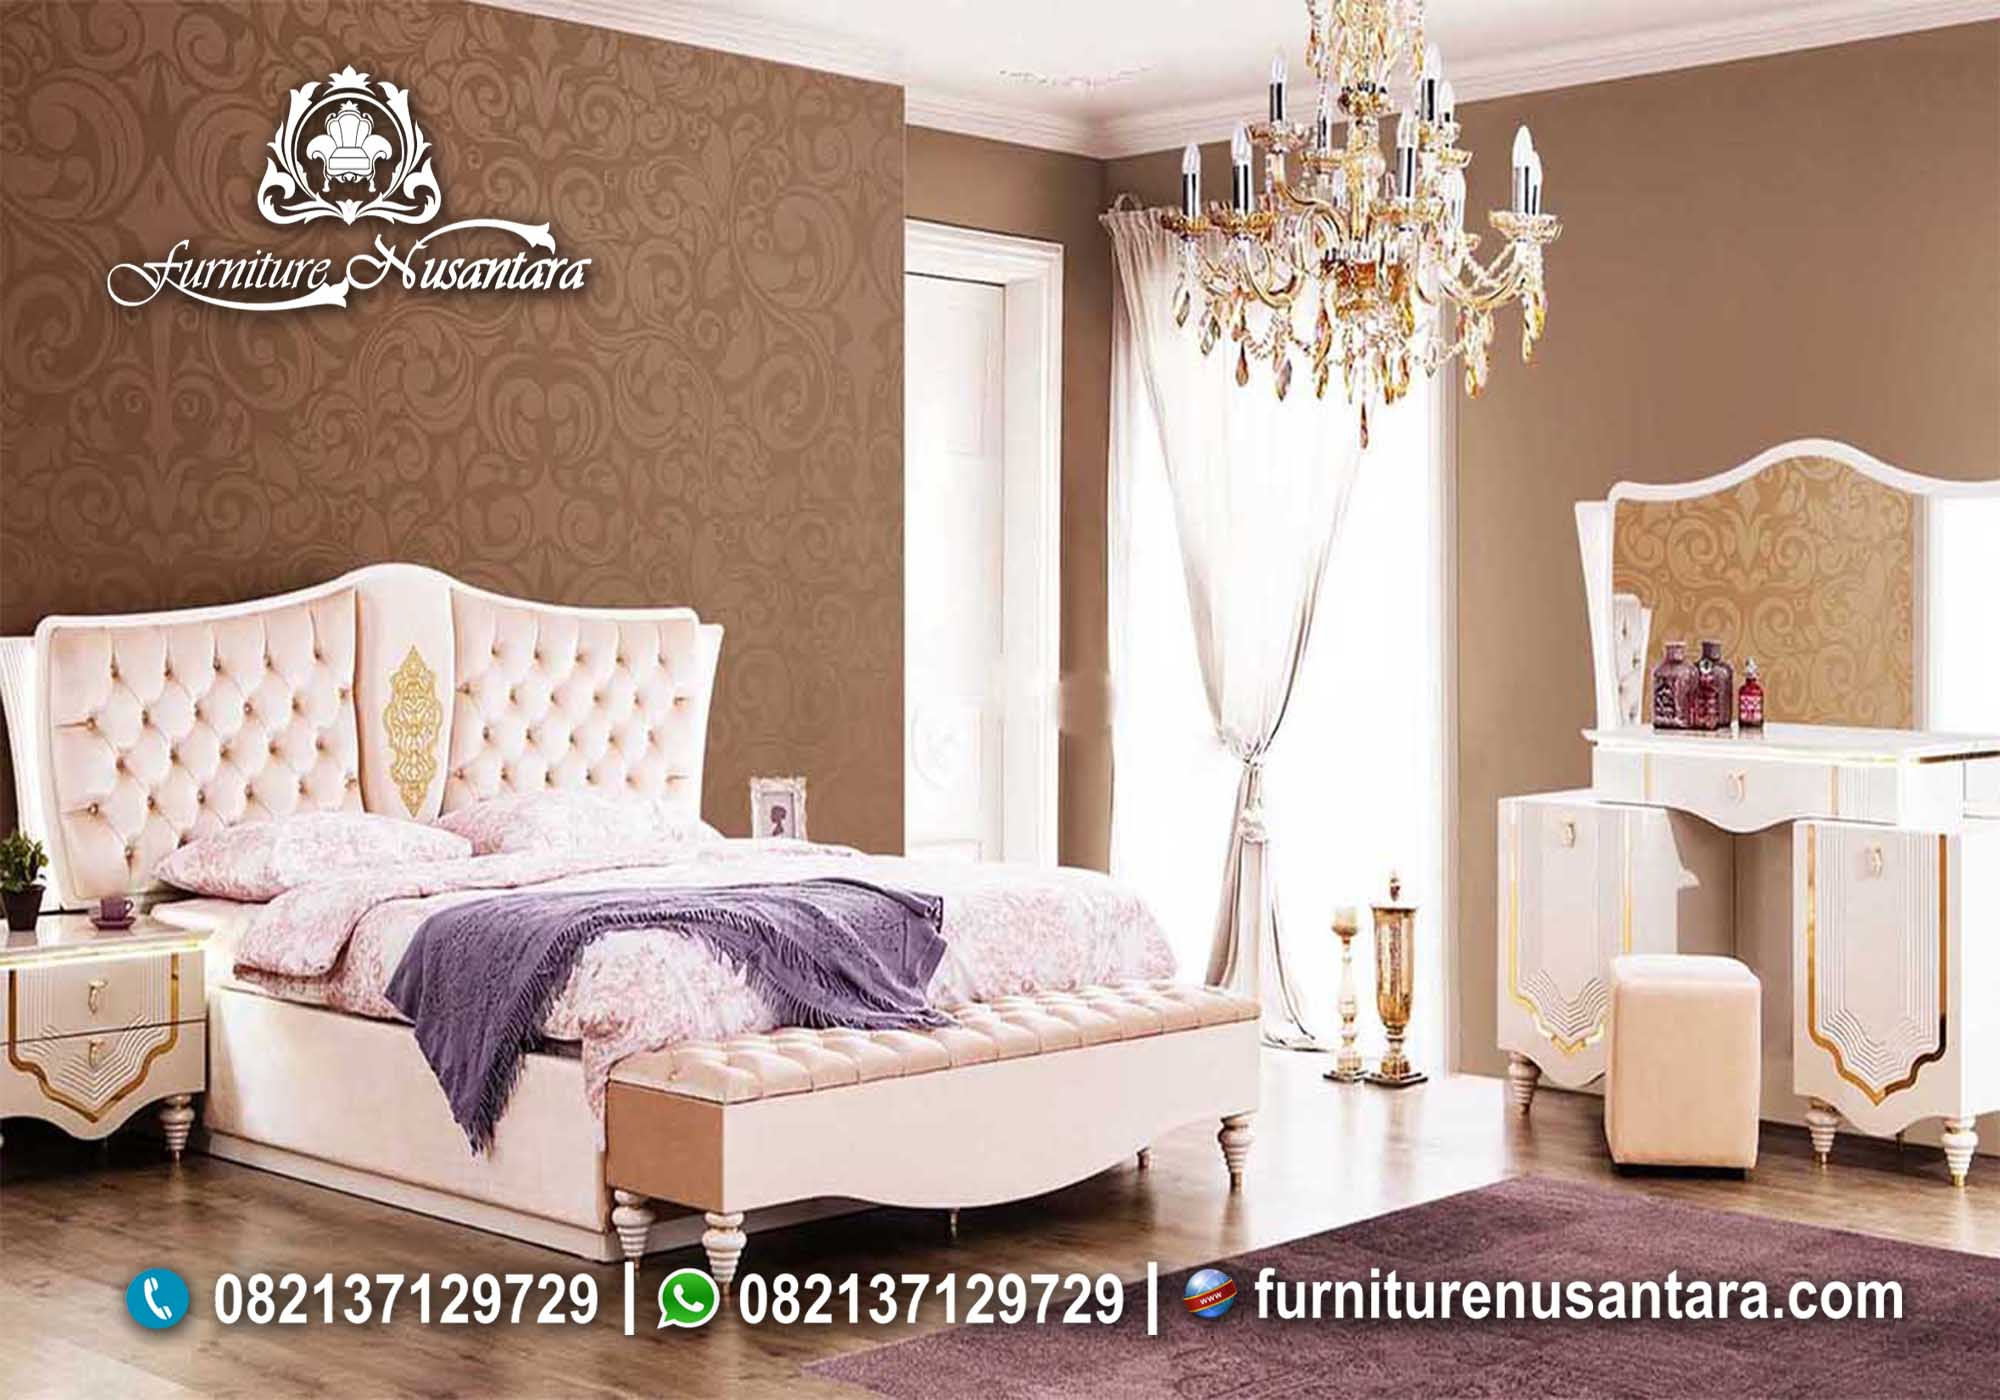 Jual Furniture Kamar Set Semarang KS-66, Furniture Nusantara